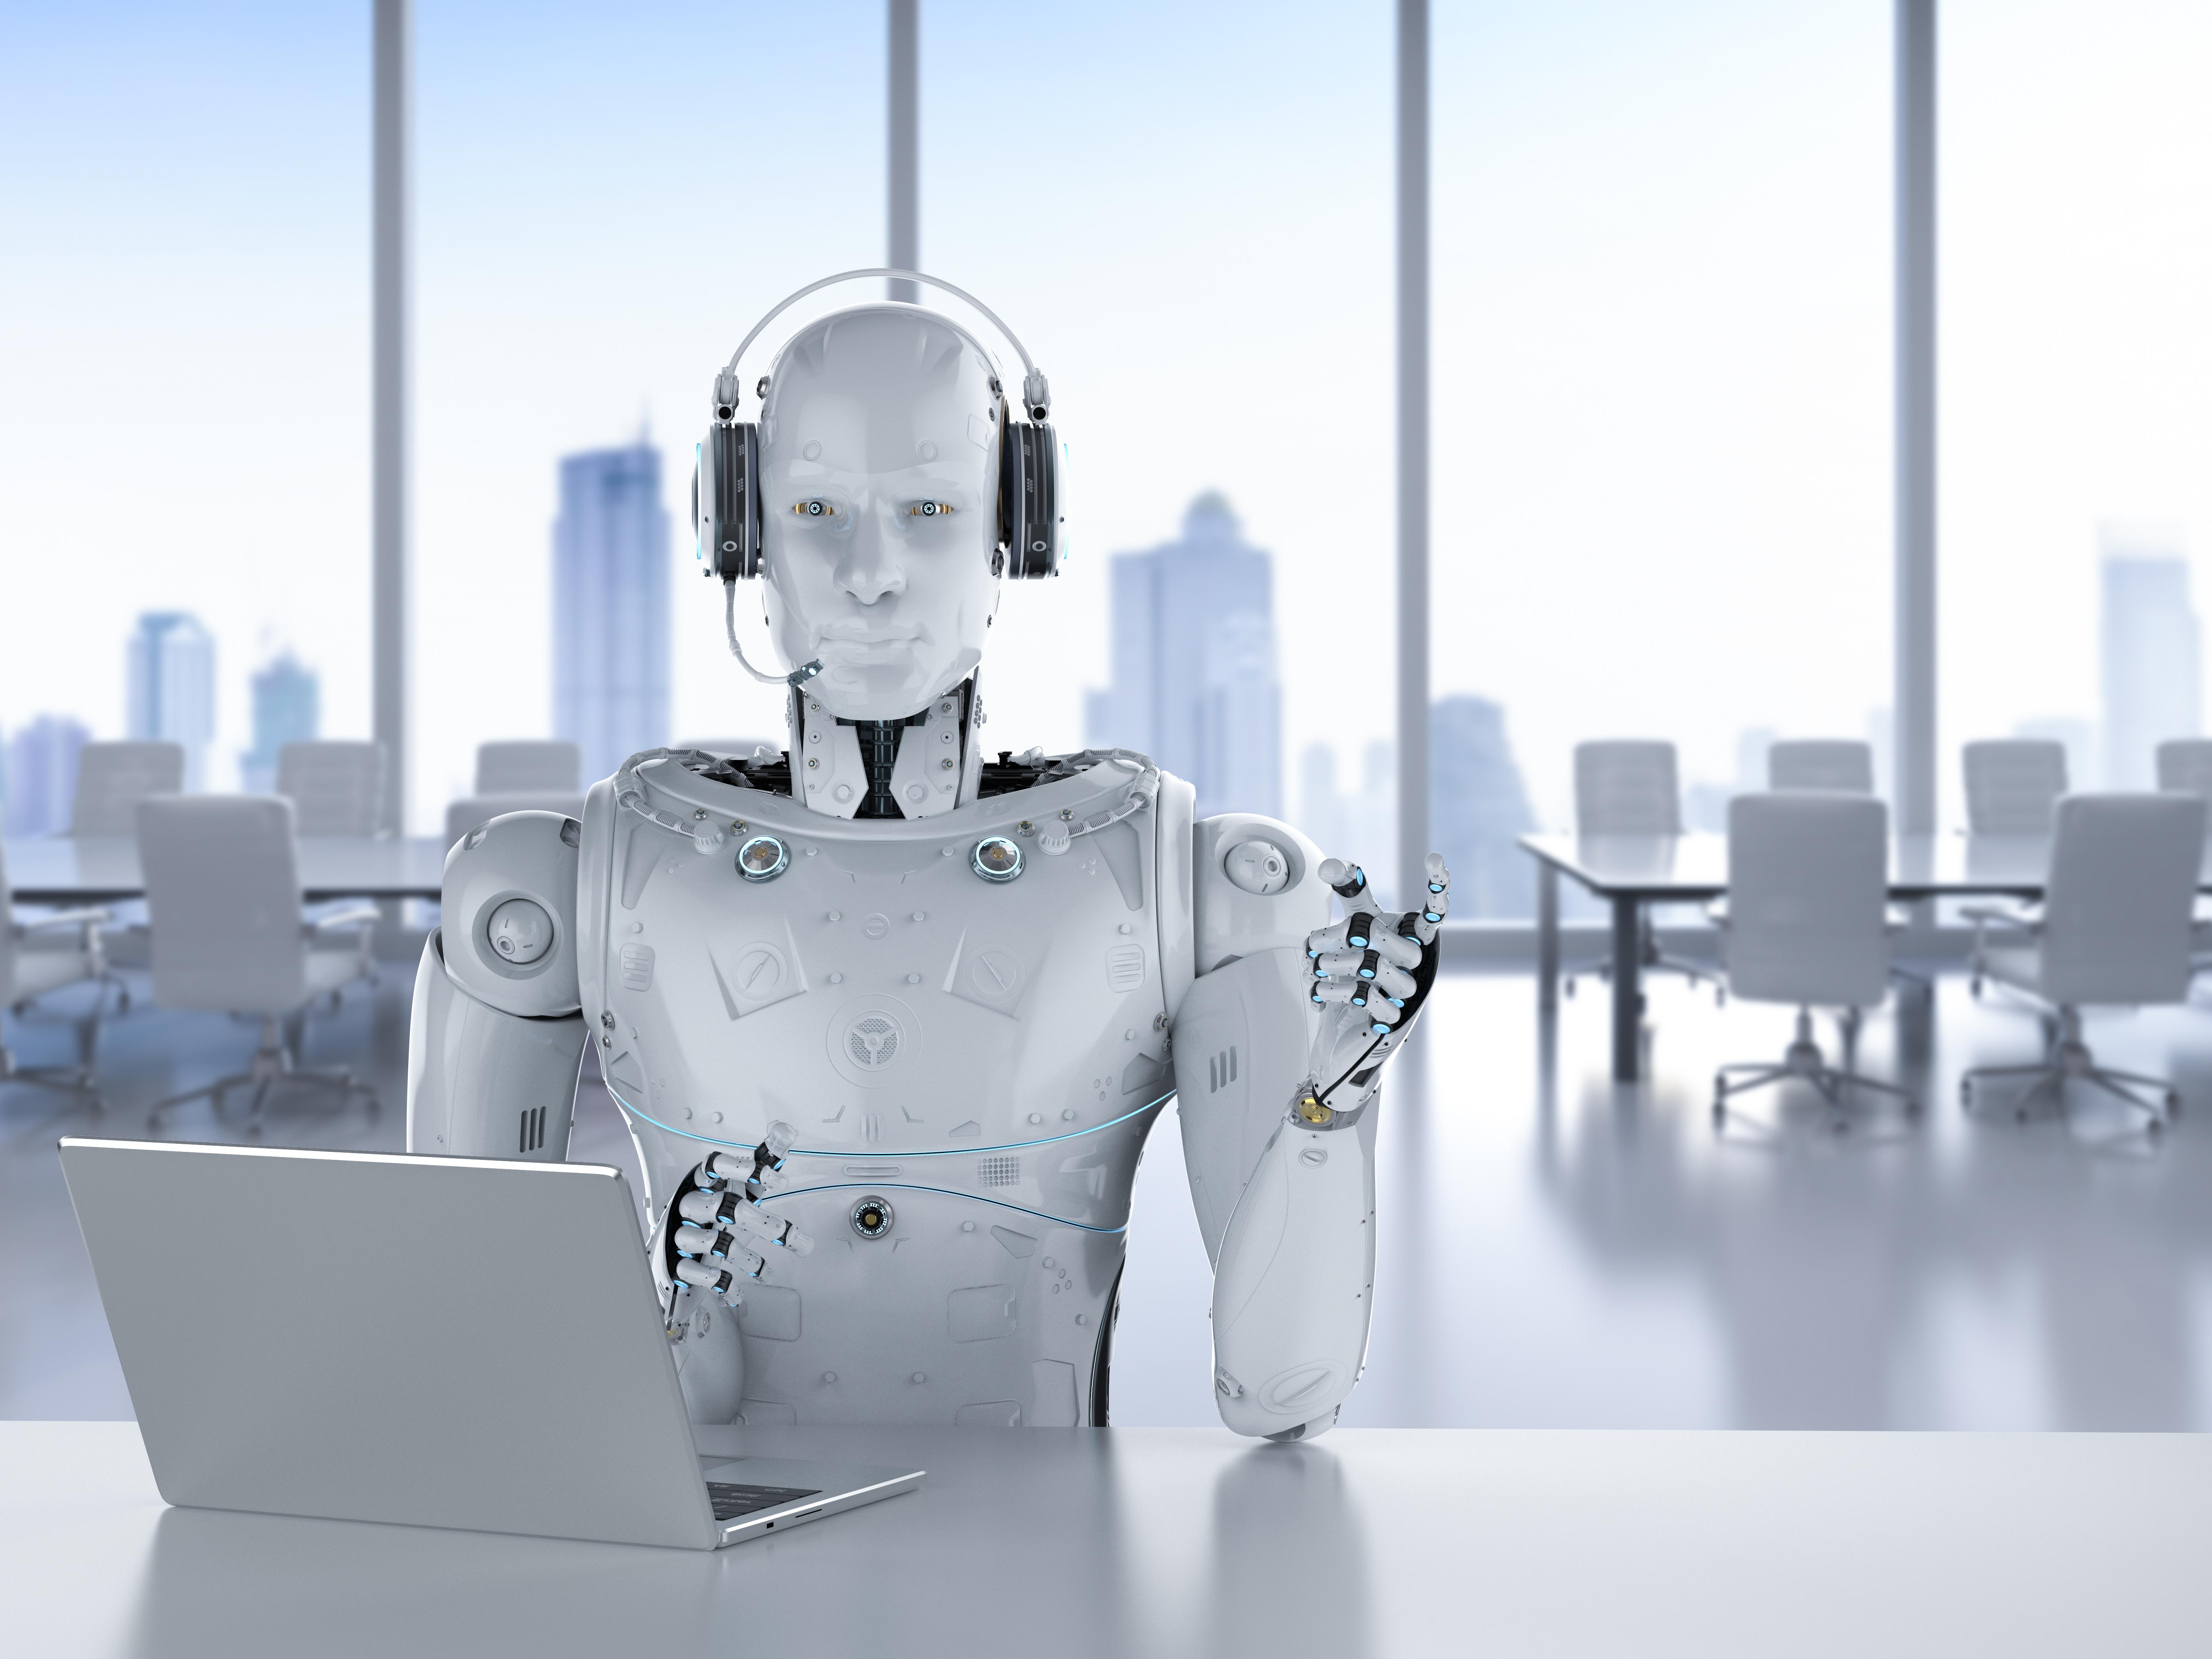 メインビジュアル : AIやロボットが公共サービスで働く未来は実現できるのか